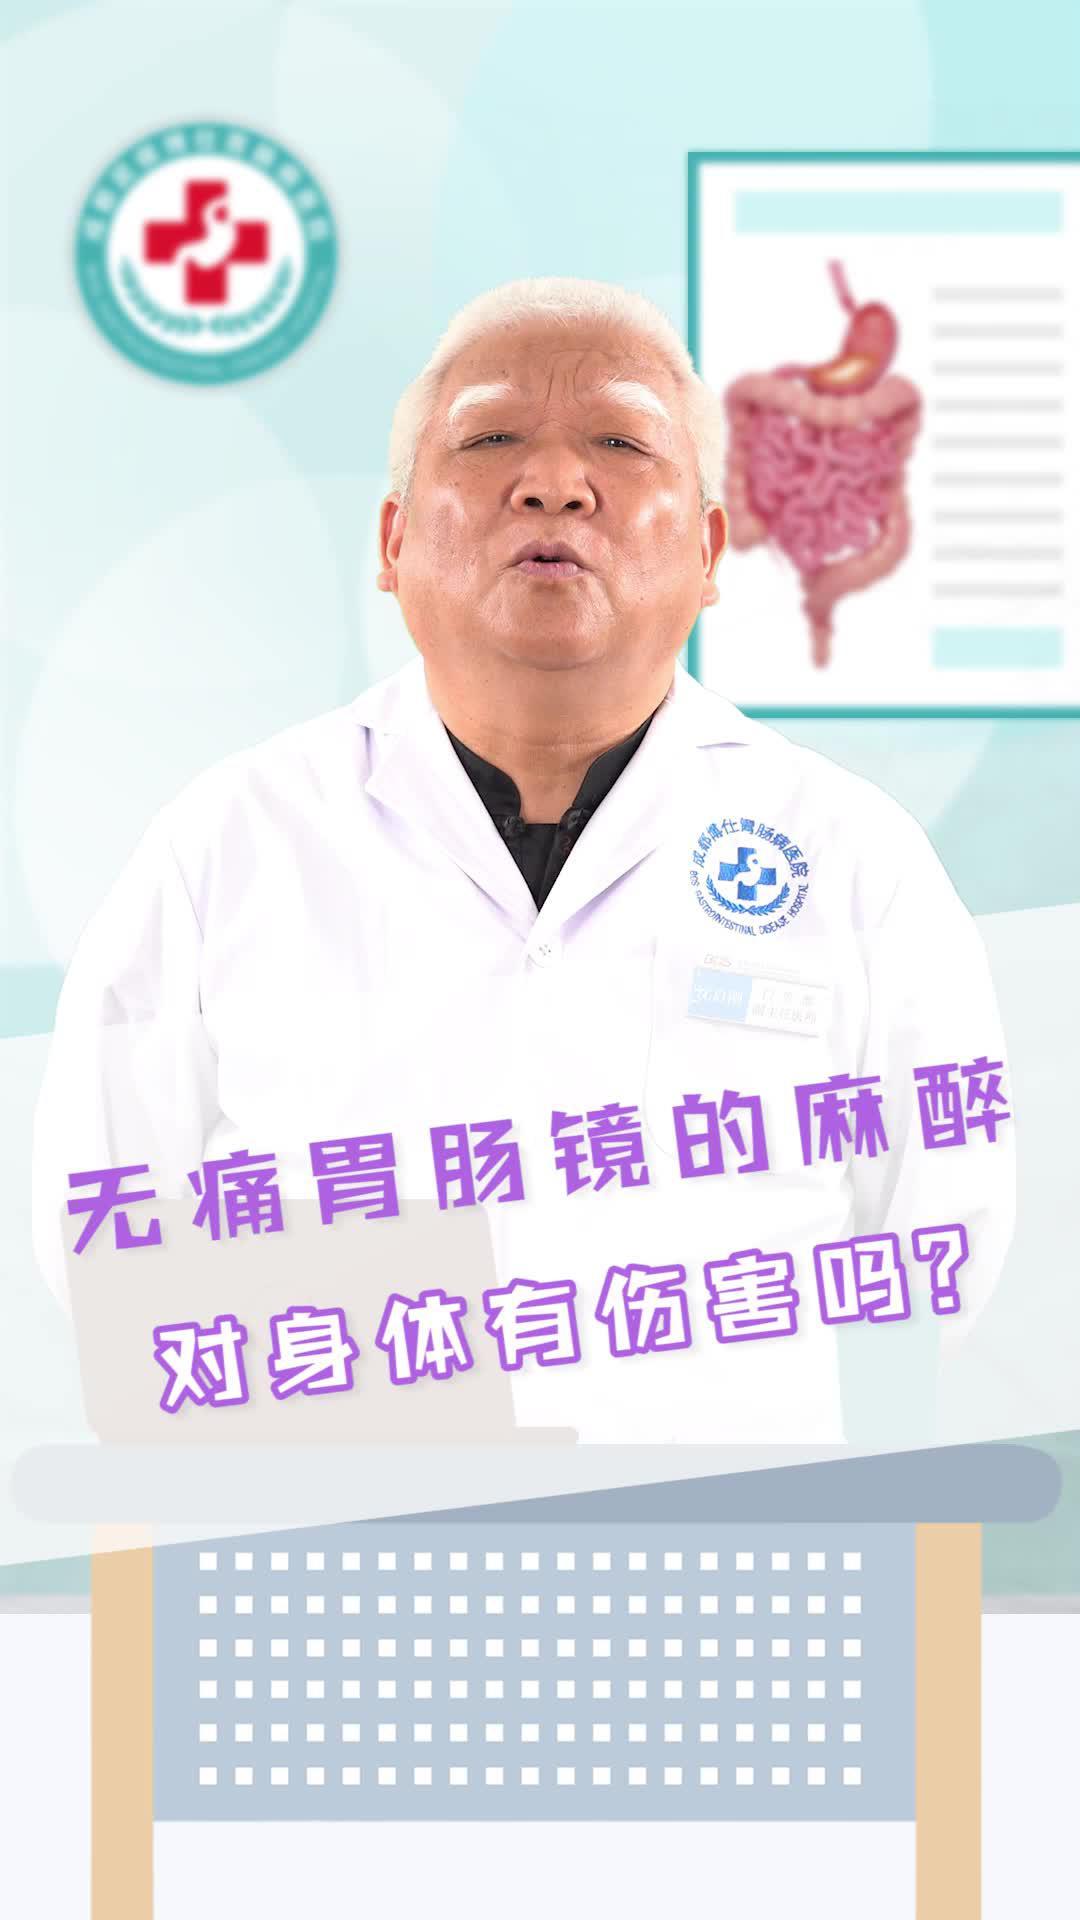 健康科普:麻醉对身体有害吗?